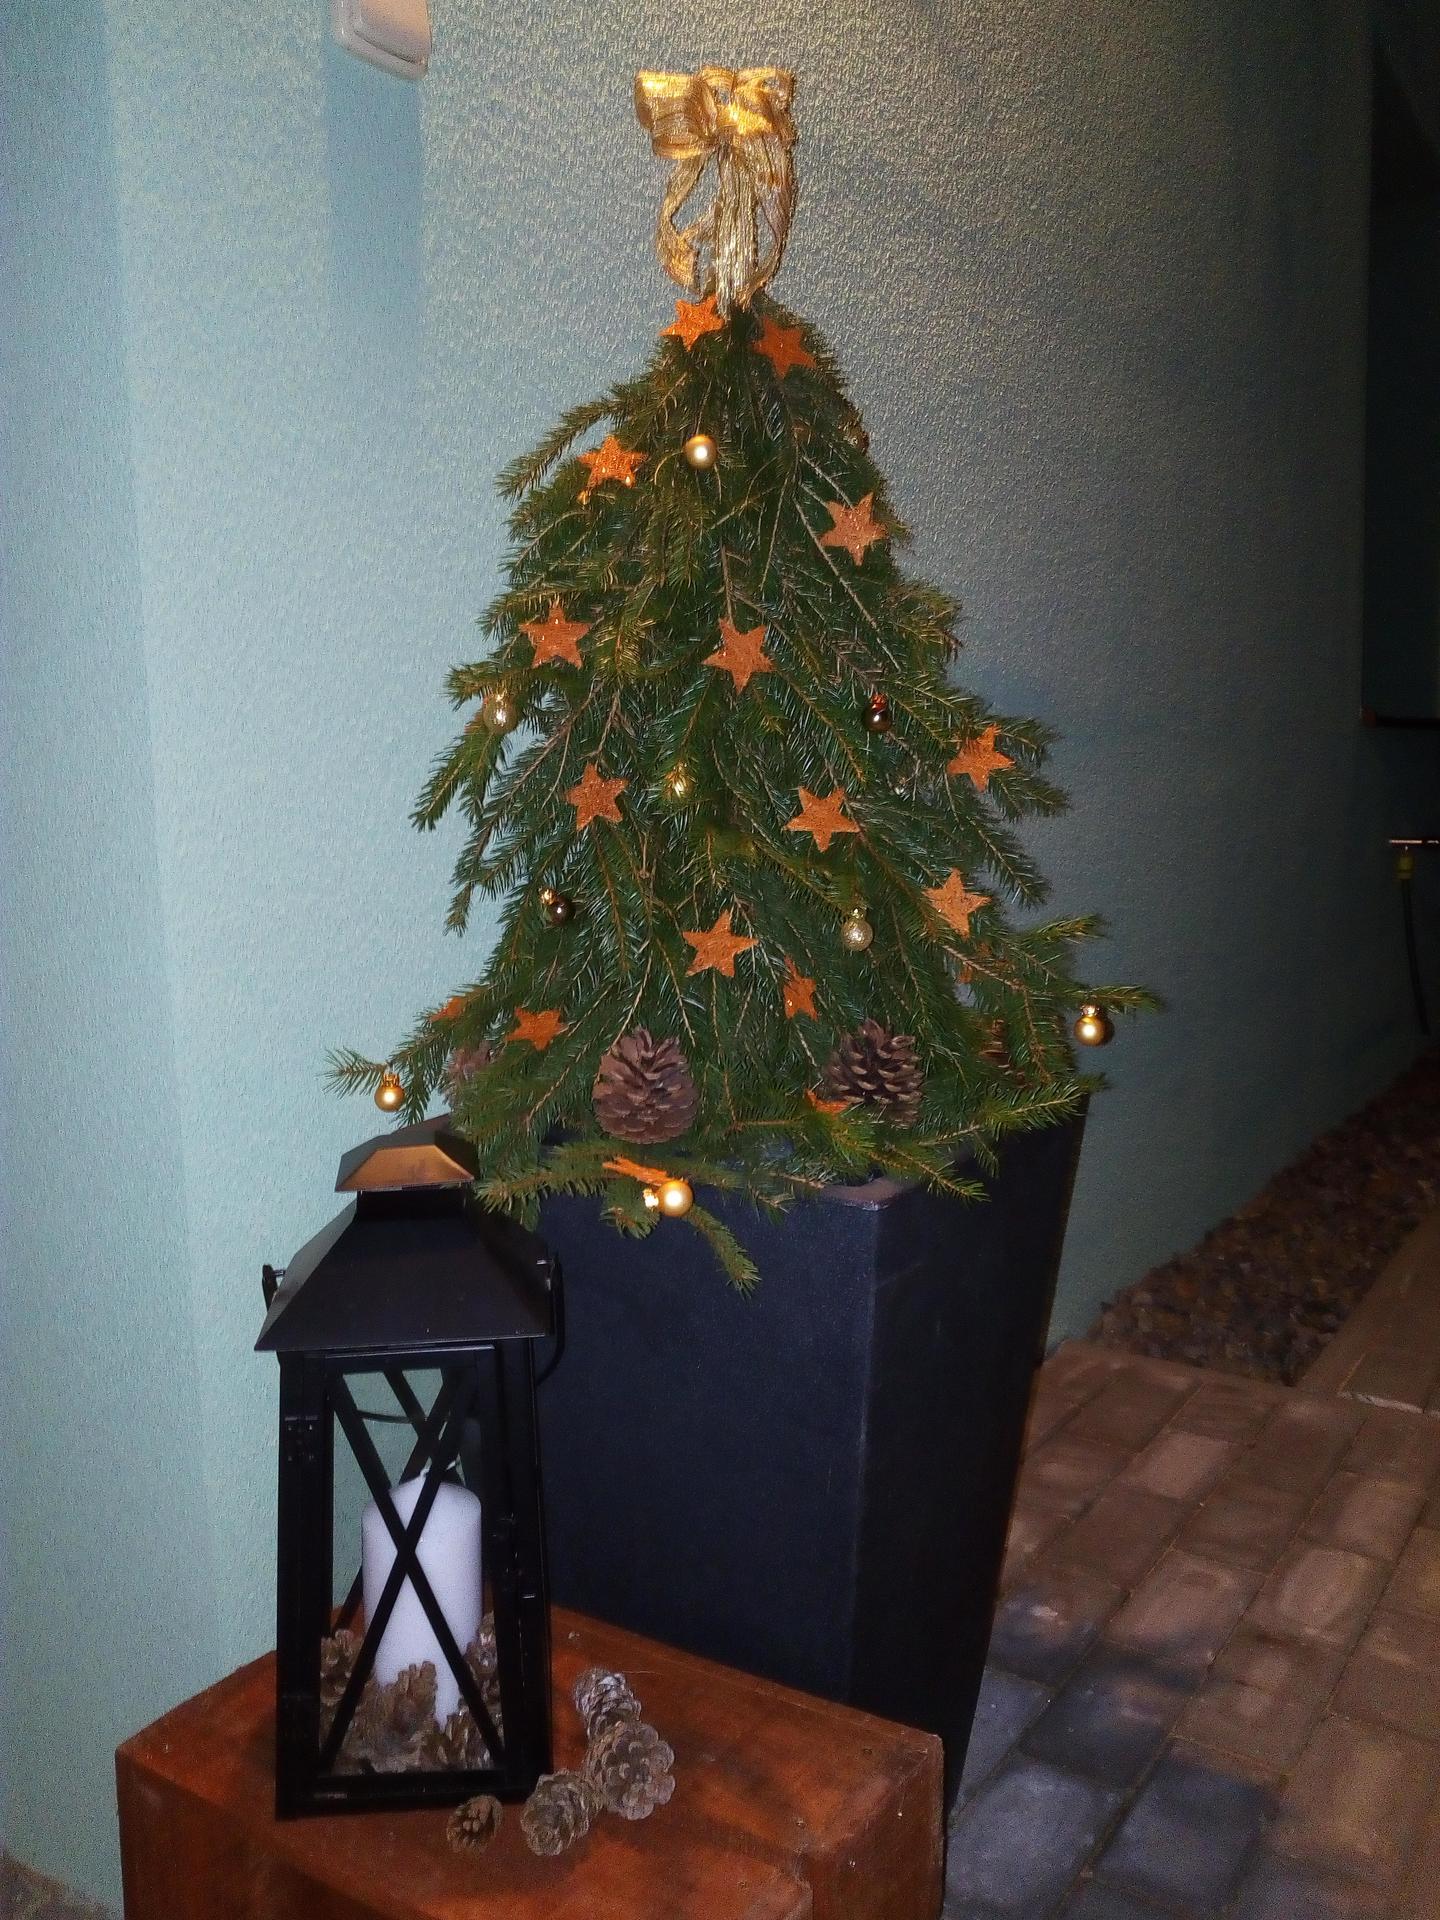 Vánoce u nás - Hrozně jsem chtěla vytvořit stromeček podle předloh a snad se mi to i povedlo.